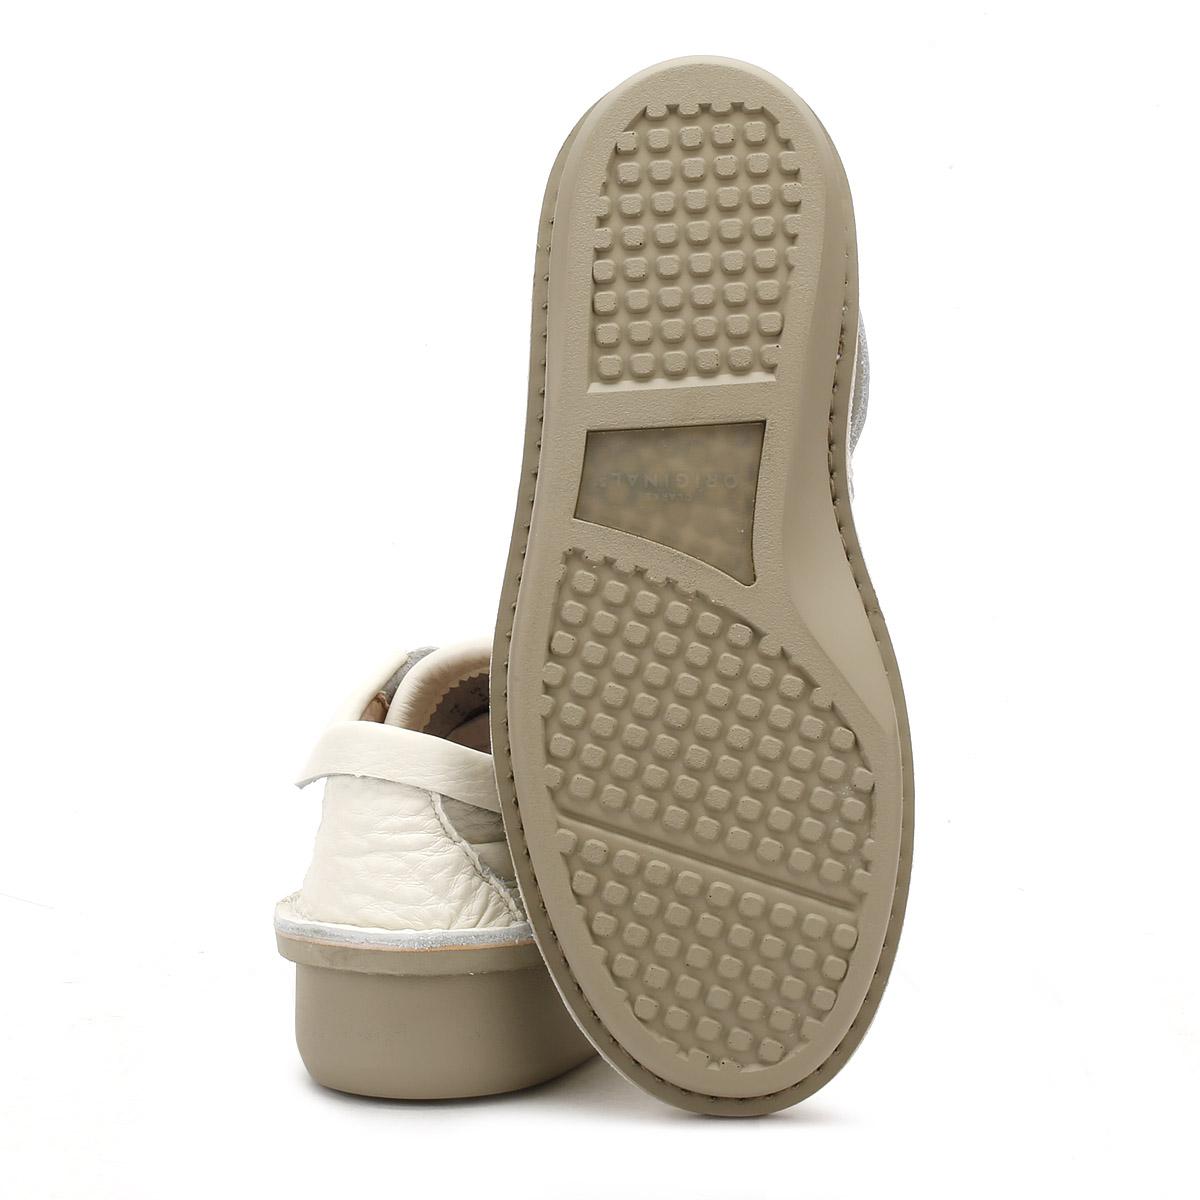 Clarks Da Uomo Bianco Pelle Oswyn Lo Scarpe, Lacci Casual Scarpe Da Ginnastica Classico Scarpe classiche da uomo